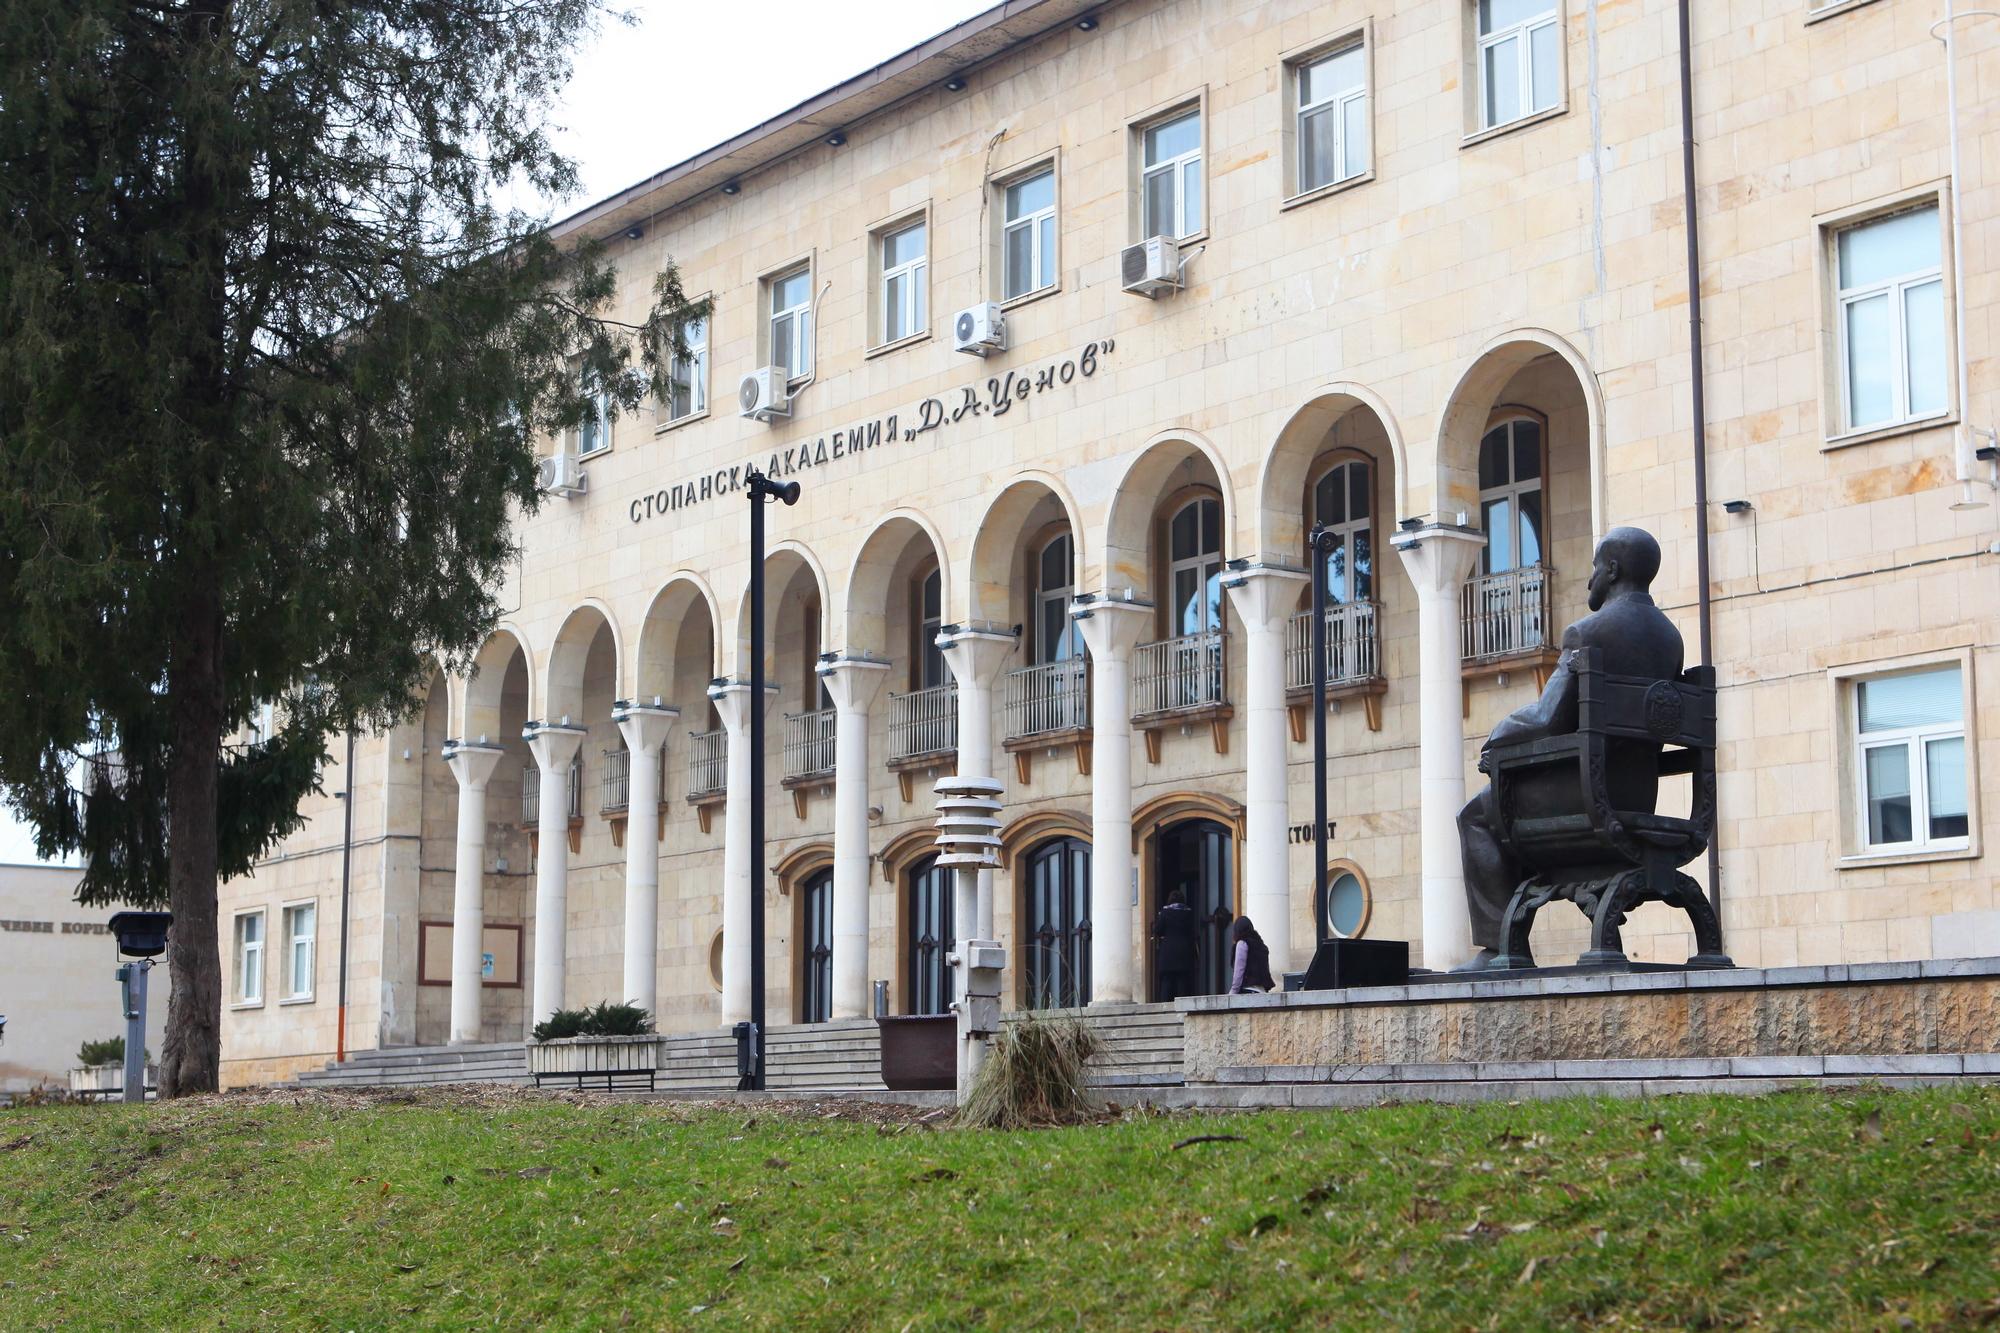 svishtov-stopanska-akademia-SA-rektorat